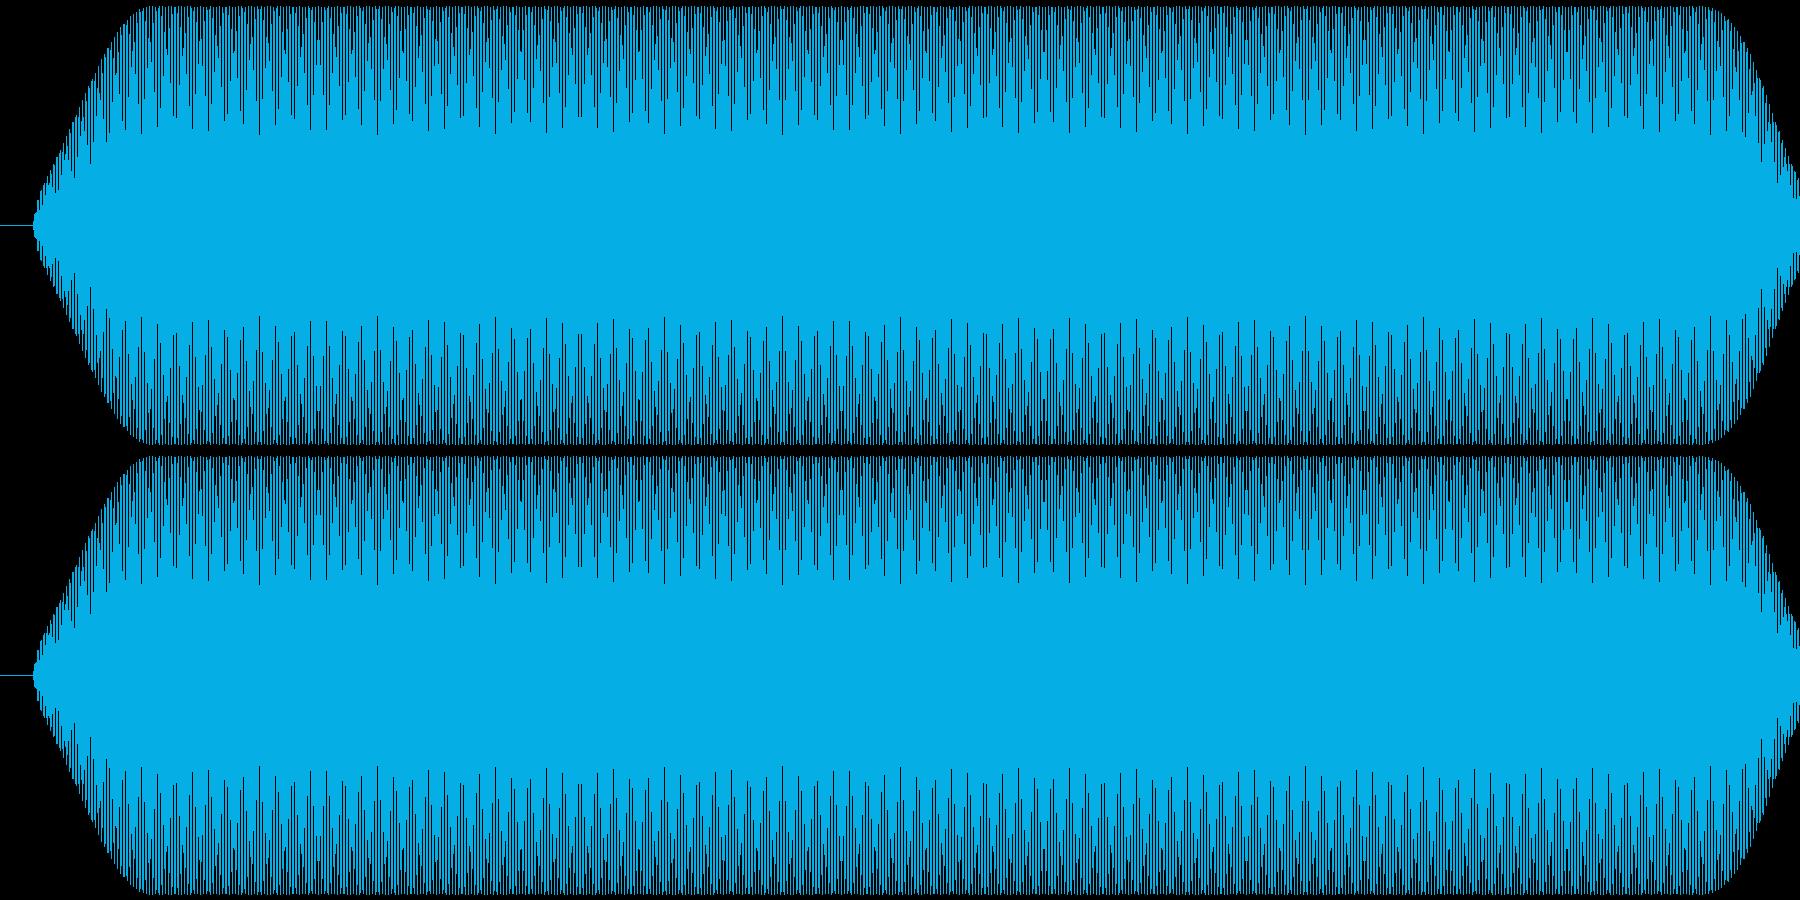 ピー音 自主規制音 (約0.3秒)の再生済みの波形